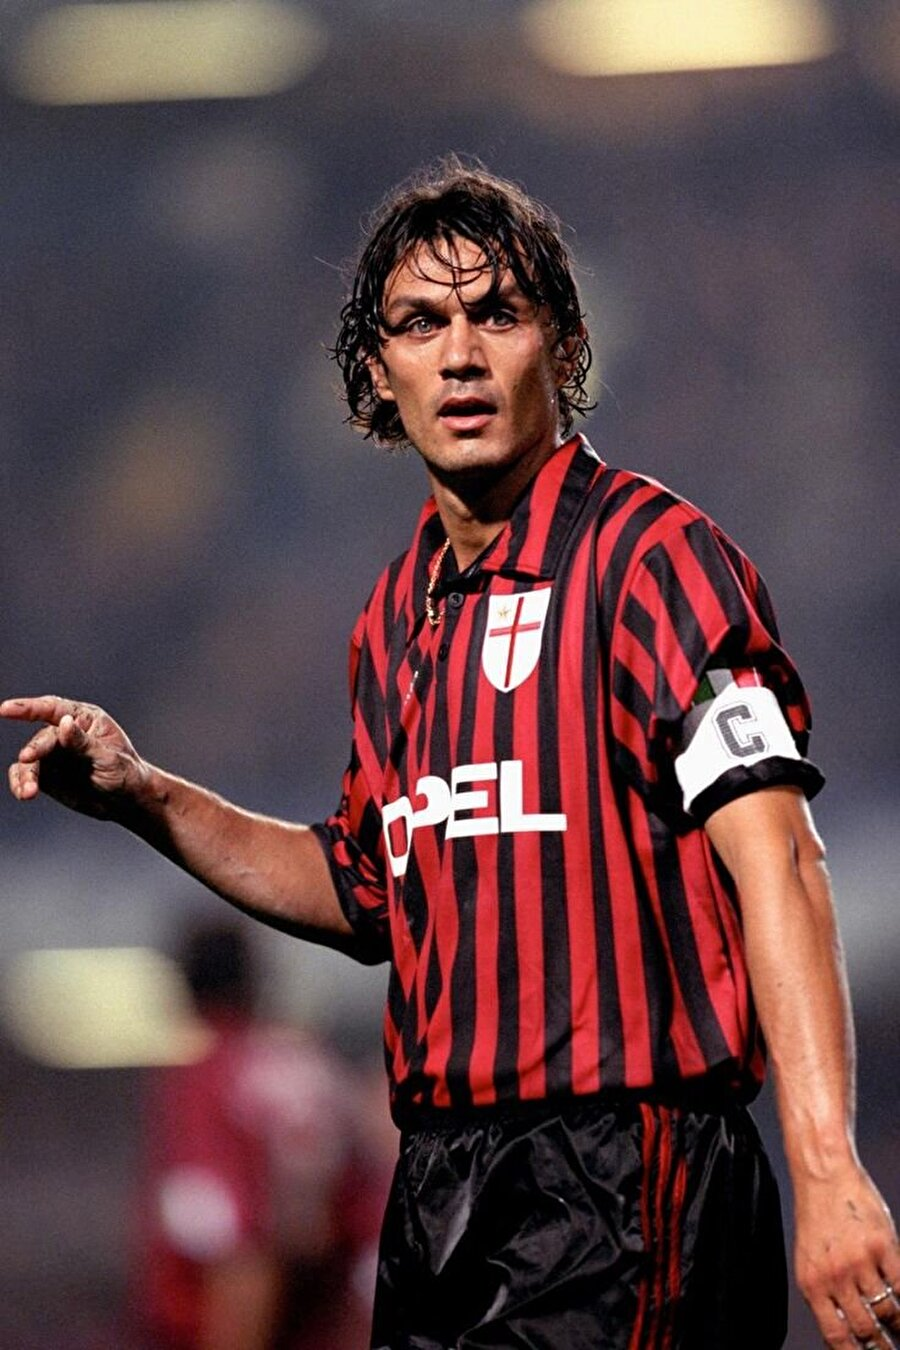 Paolo Maldini                                      Milan'ın gelmiş geçmiş en iyi futbolcuları arasında yer alan Paolo Maldini, 40 yaşında emekli oldu. 2009 yılında Milan forması altında çıktığı 901. maçın ardından kariyerini sonlandıran Maldini o gün son derece duygusal anlar yaşamıştı. Kariyeri boyunca yalnızca Milan forması giyen Maldini halen taraftarların sevgilisi konumunda.